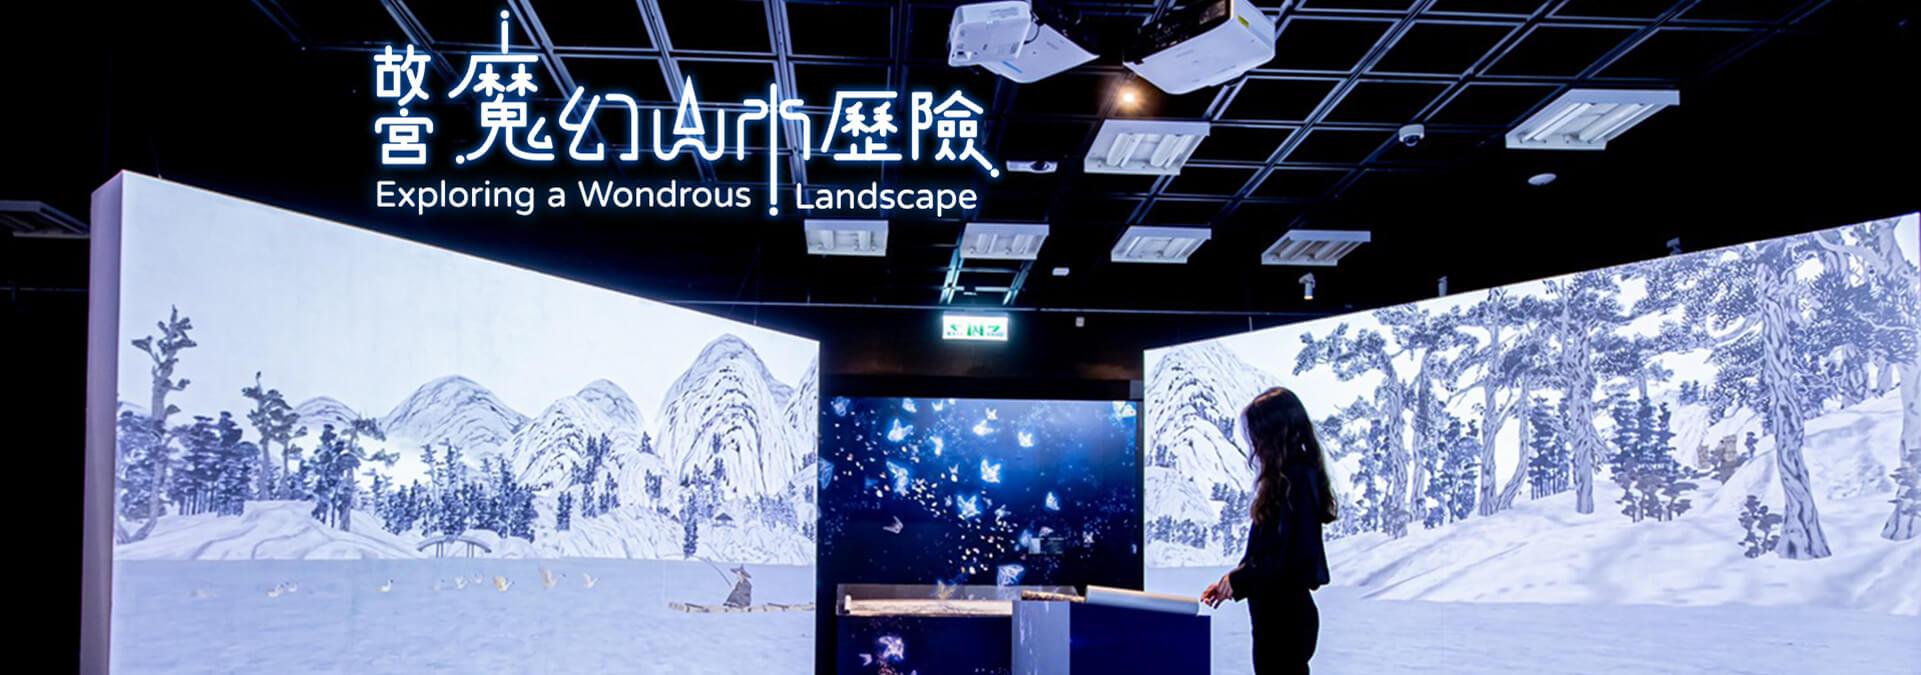 國寶新視界—早春圖(8K版本)